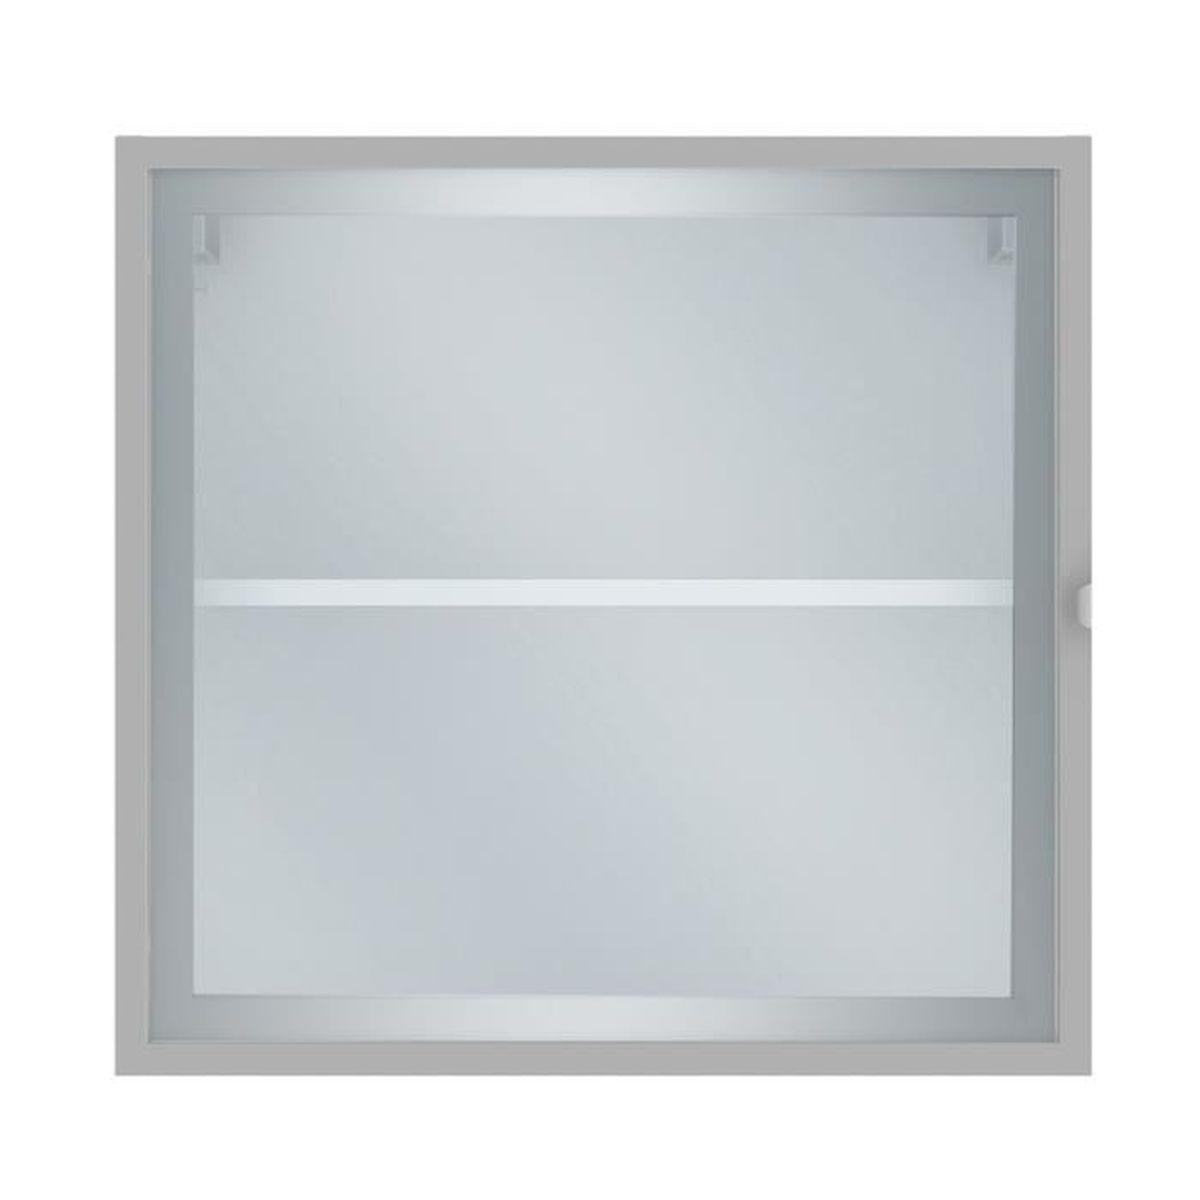 Elia Meuble de cuisine haut 12 porte vitrée blanc 12cm - Achat